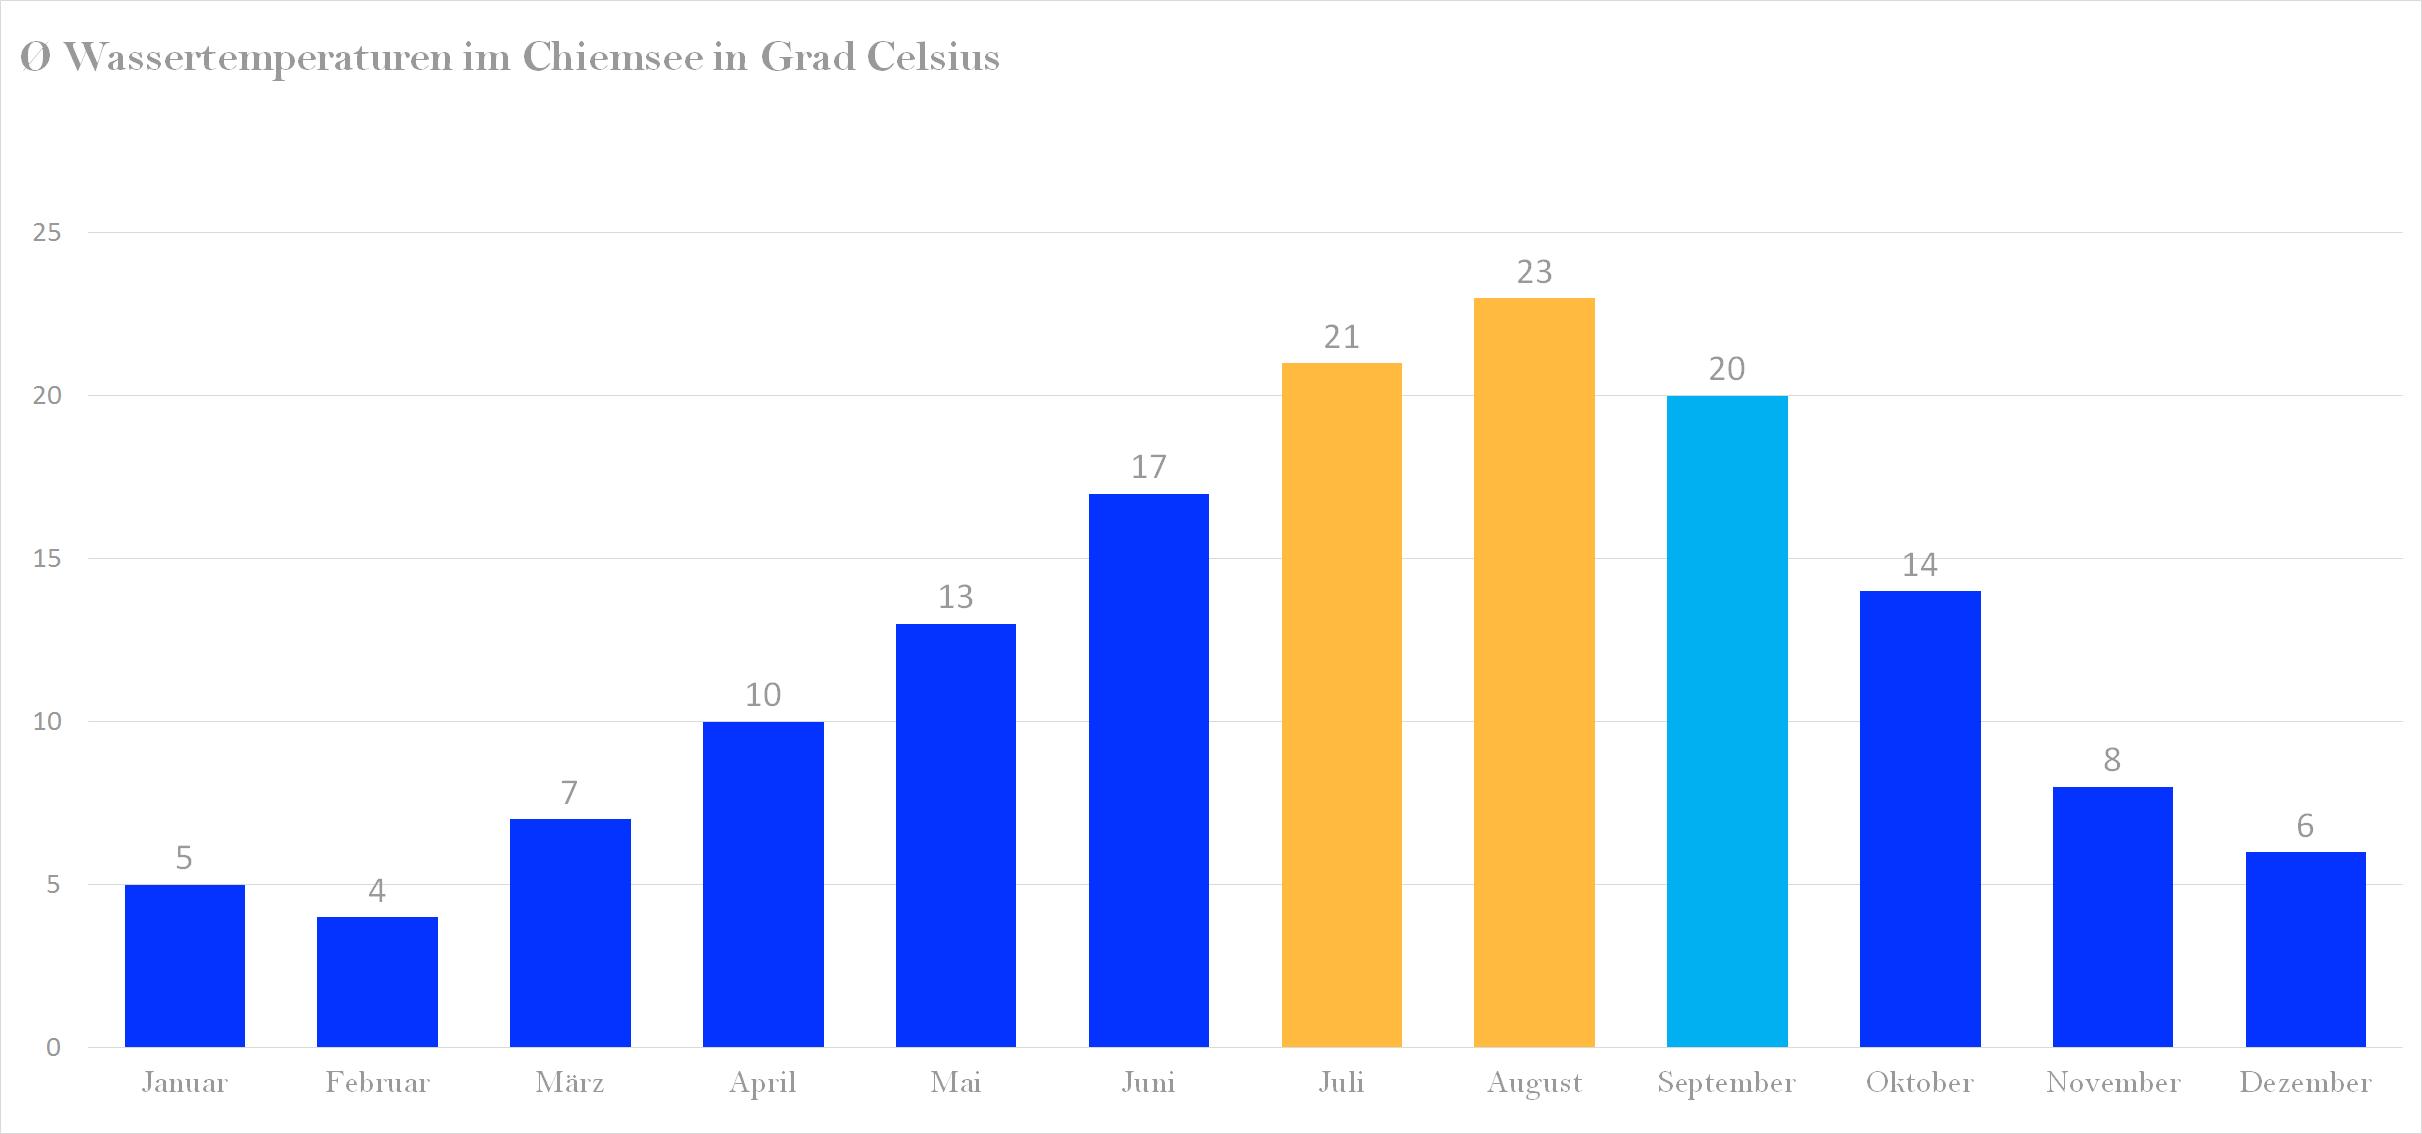 Durchschnittliche Wassertemperaturen im Chiemsee nach Monaten